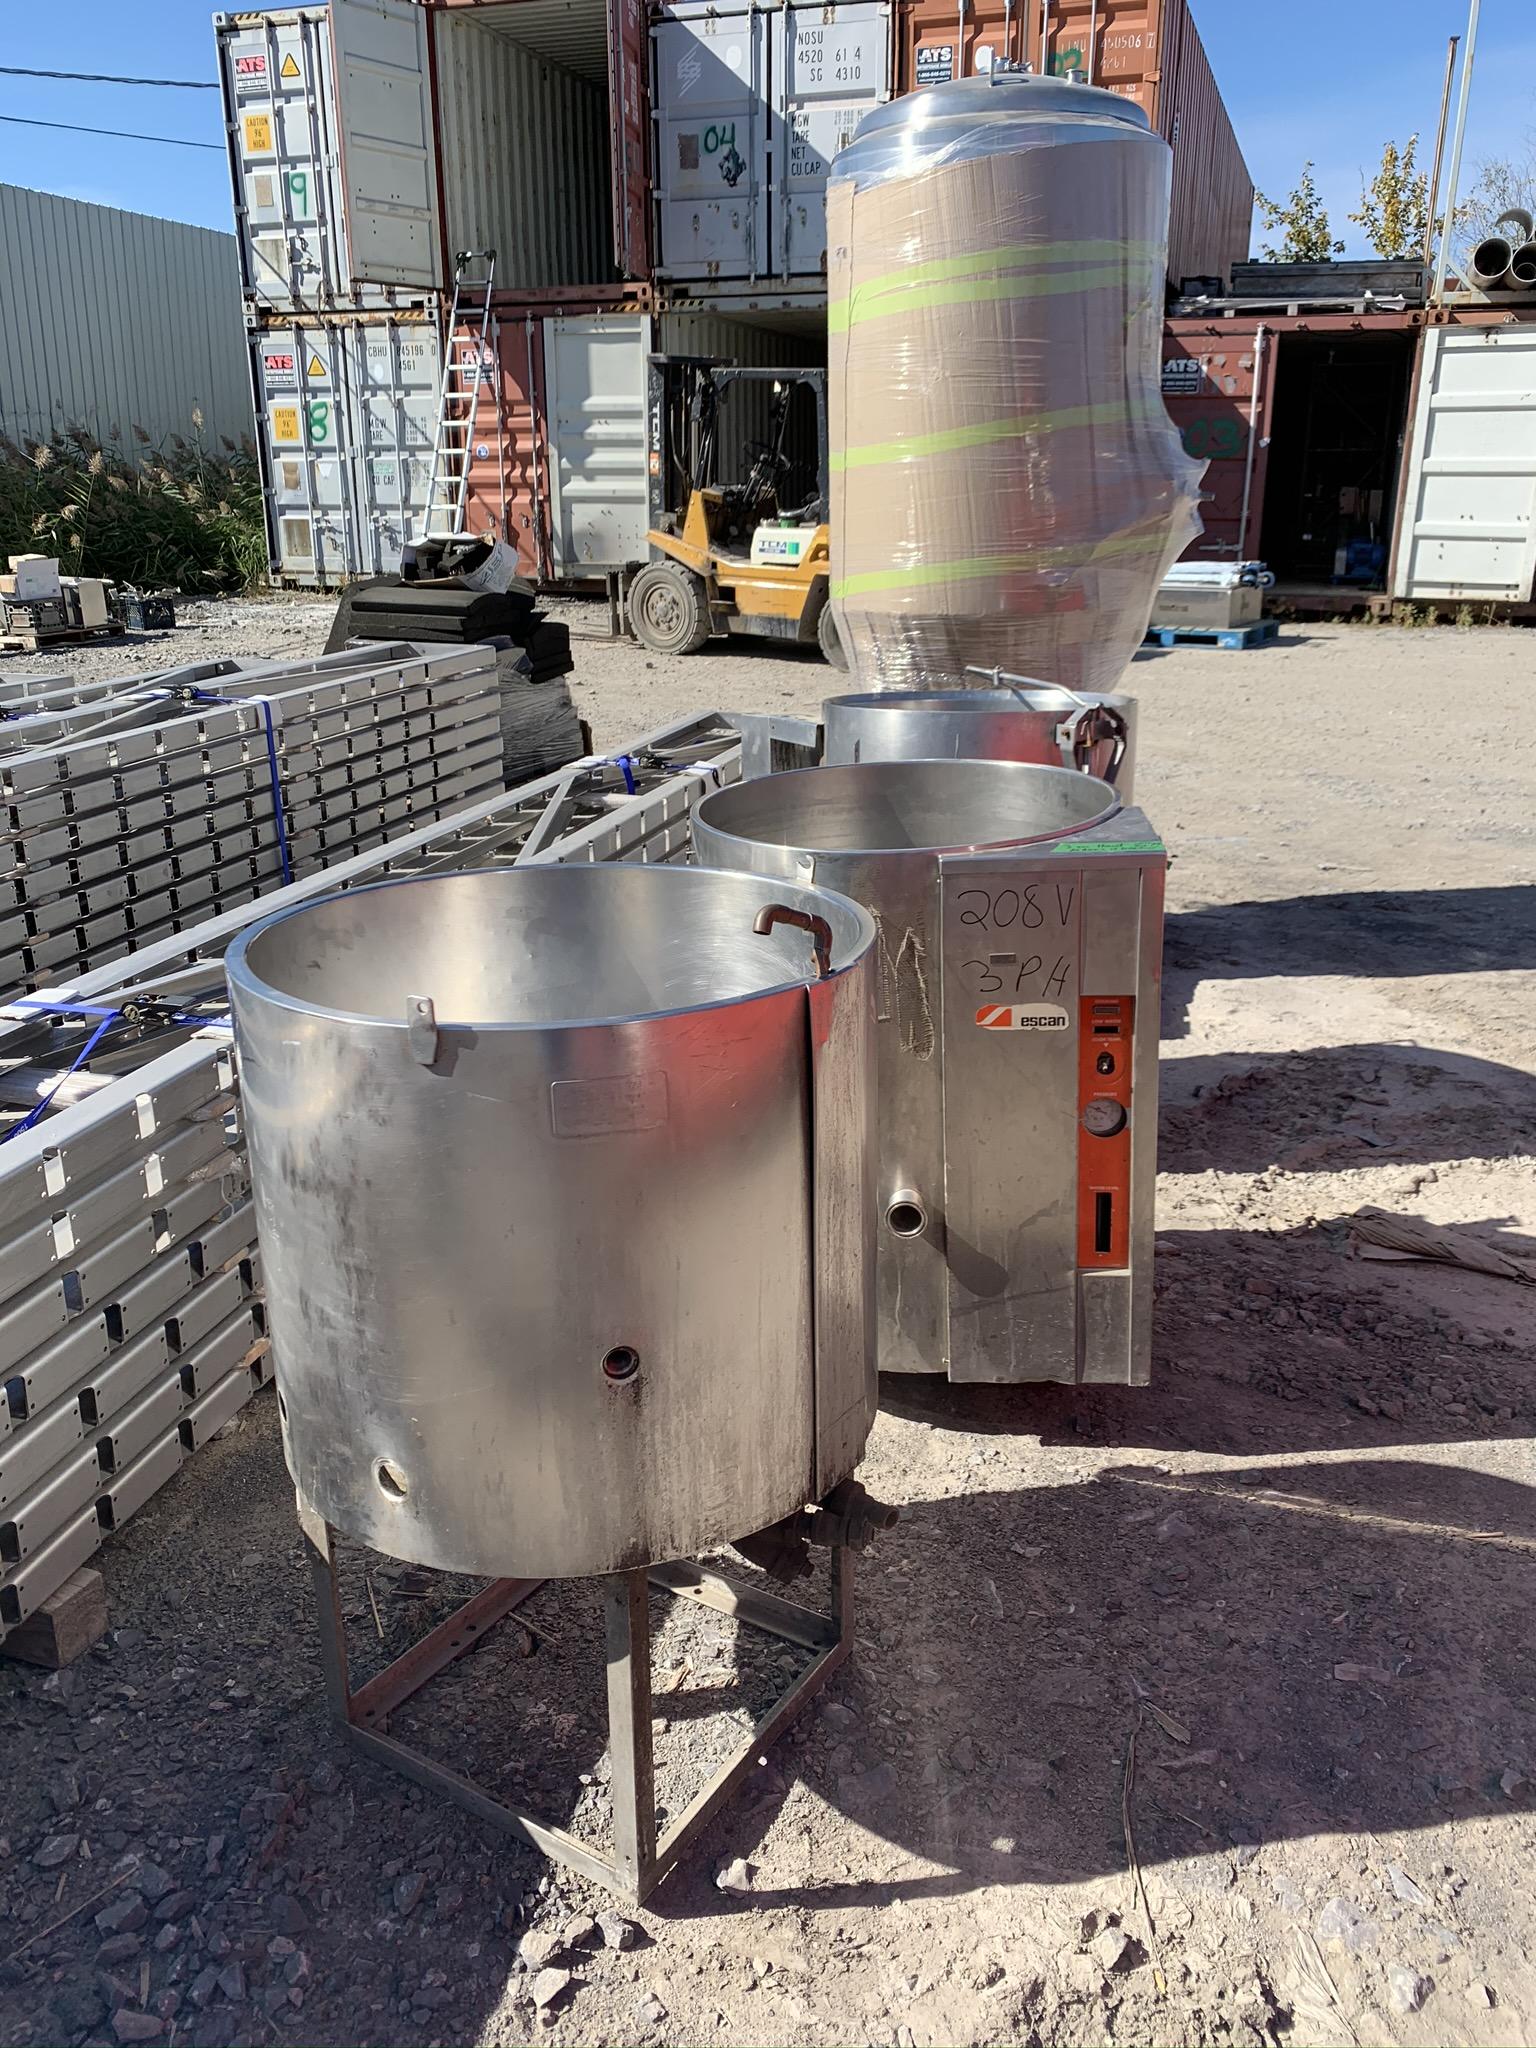 3 cuiseurs type Garland Welbilt 100 litres